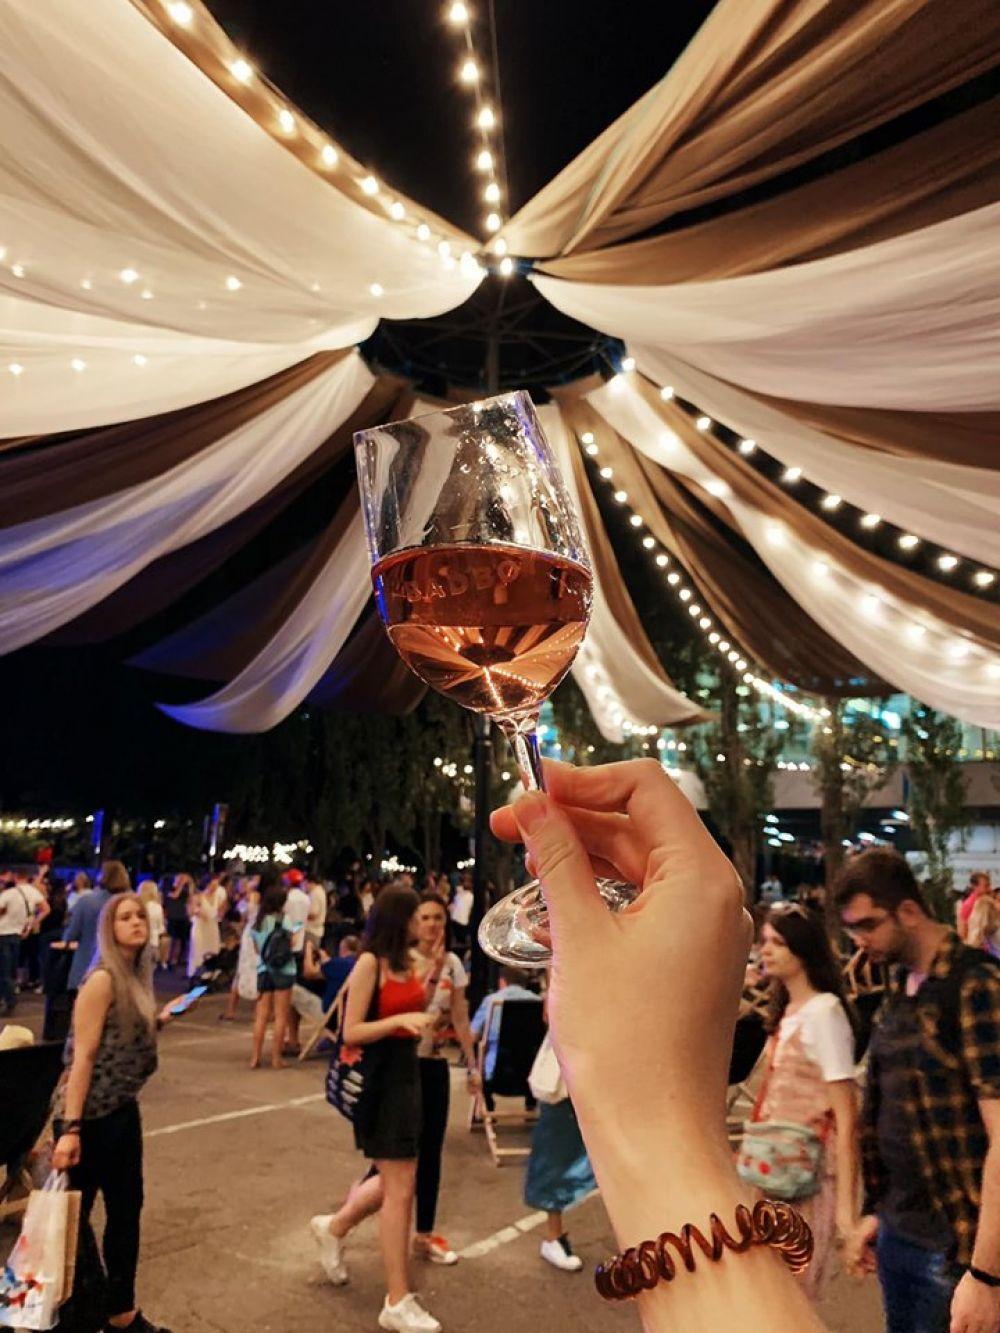 Кроме того, на фестивале пива все желающие могли попробовать различные сорта пива и узнать больше об истории этого напитка.